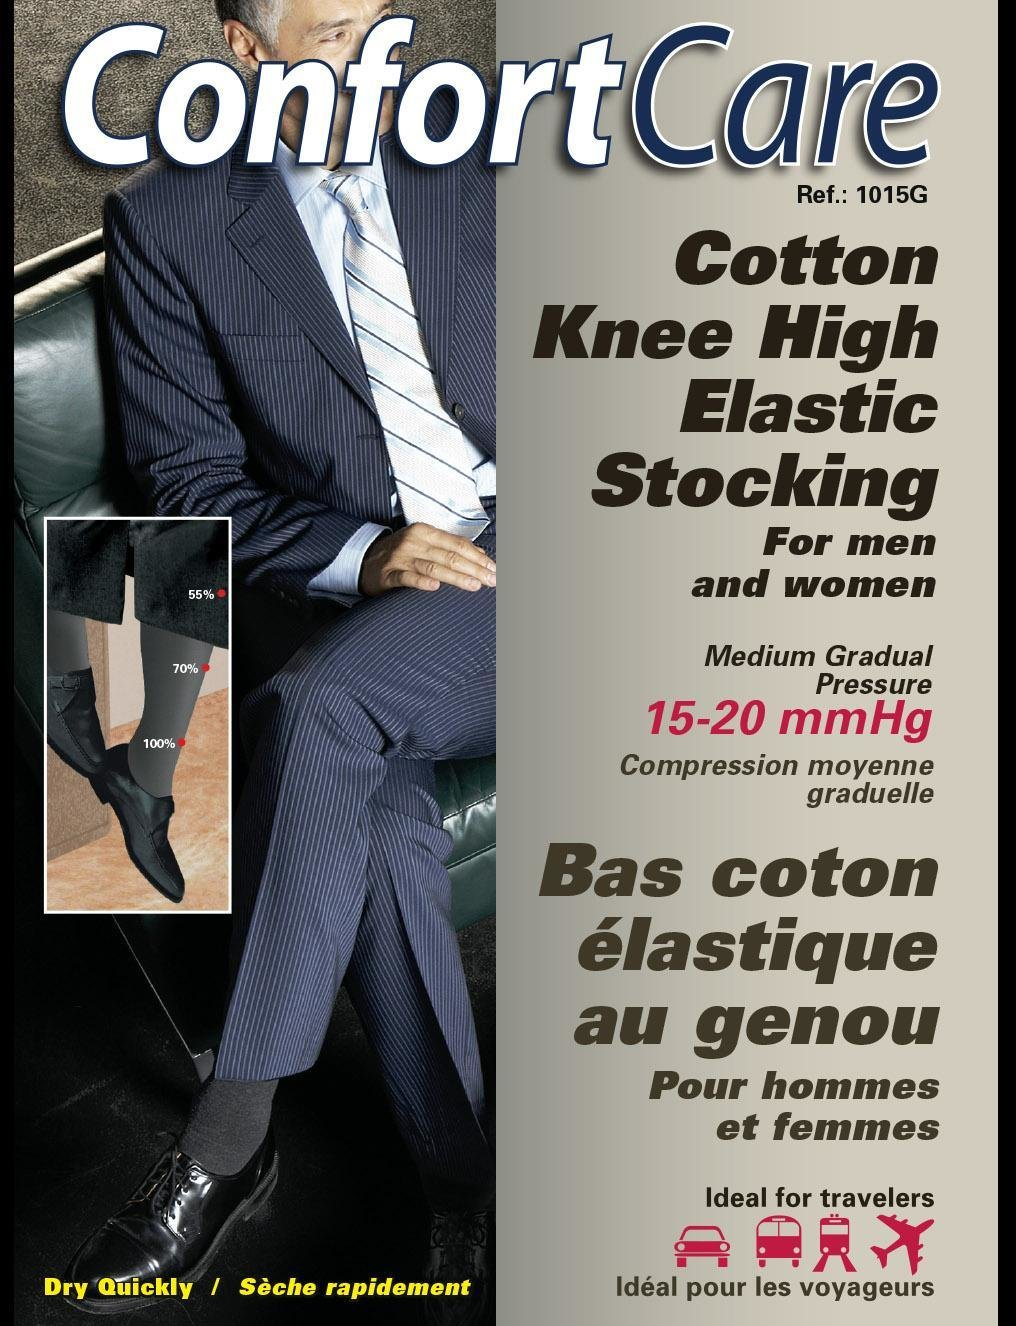 Elastic Support Knee Stockings for men & women. (15-20 mmHg)